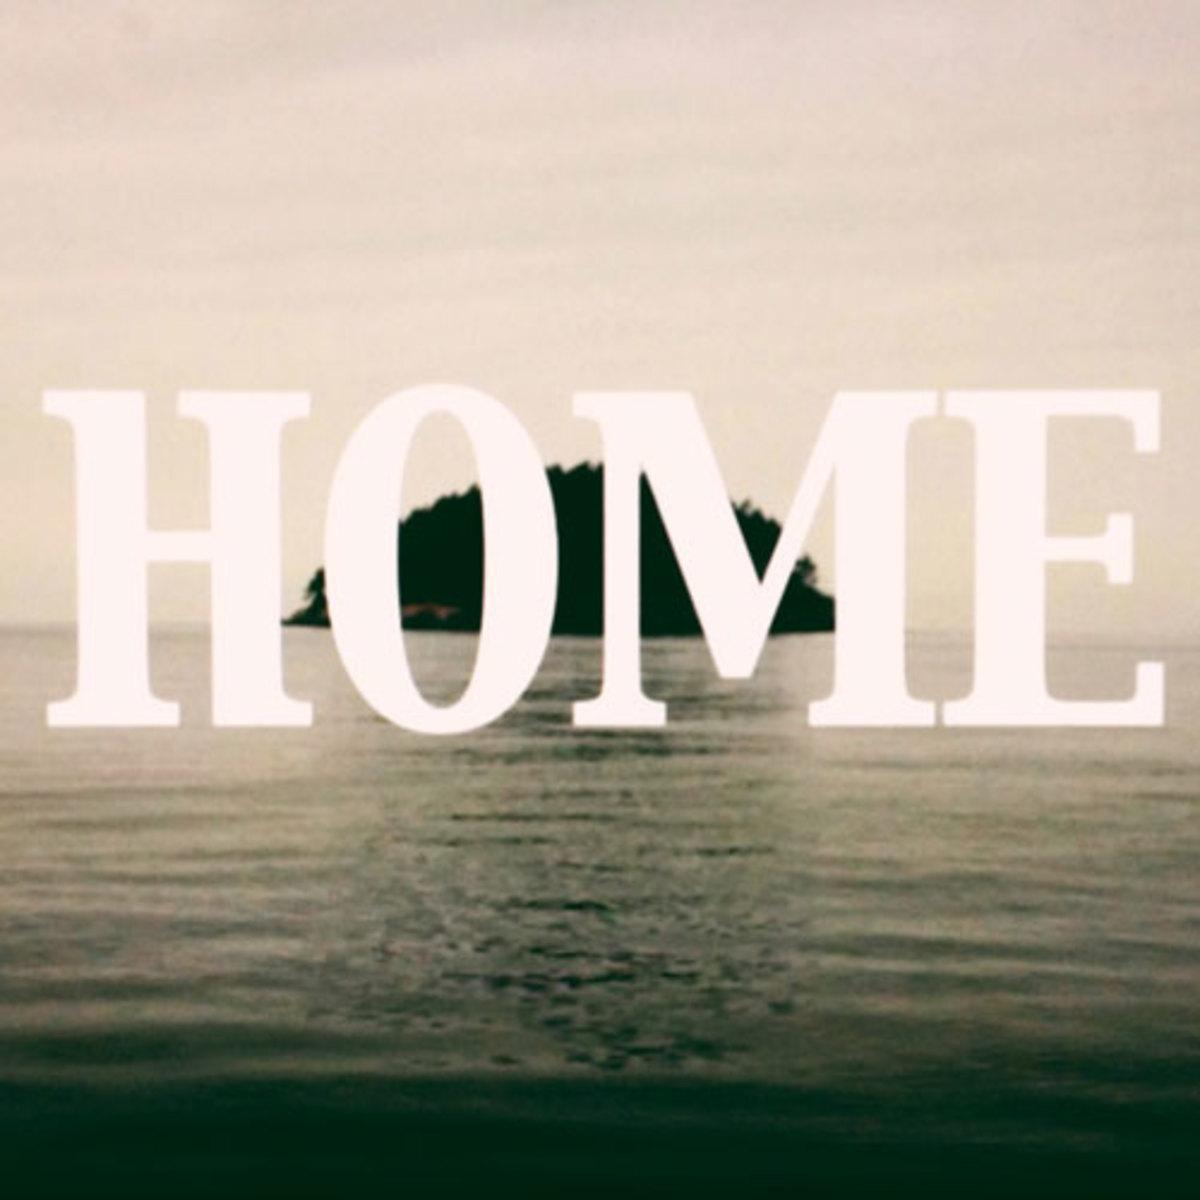 griffj-home.jpg